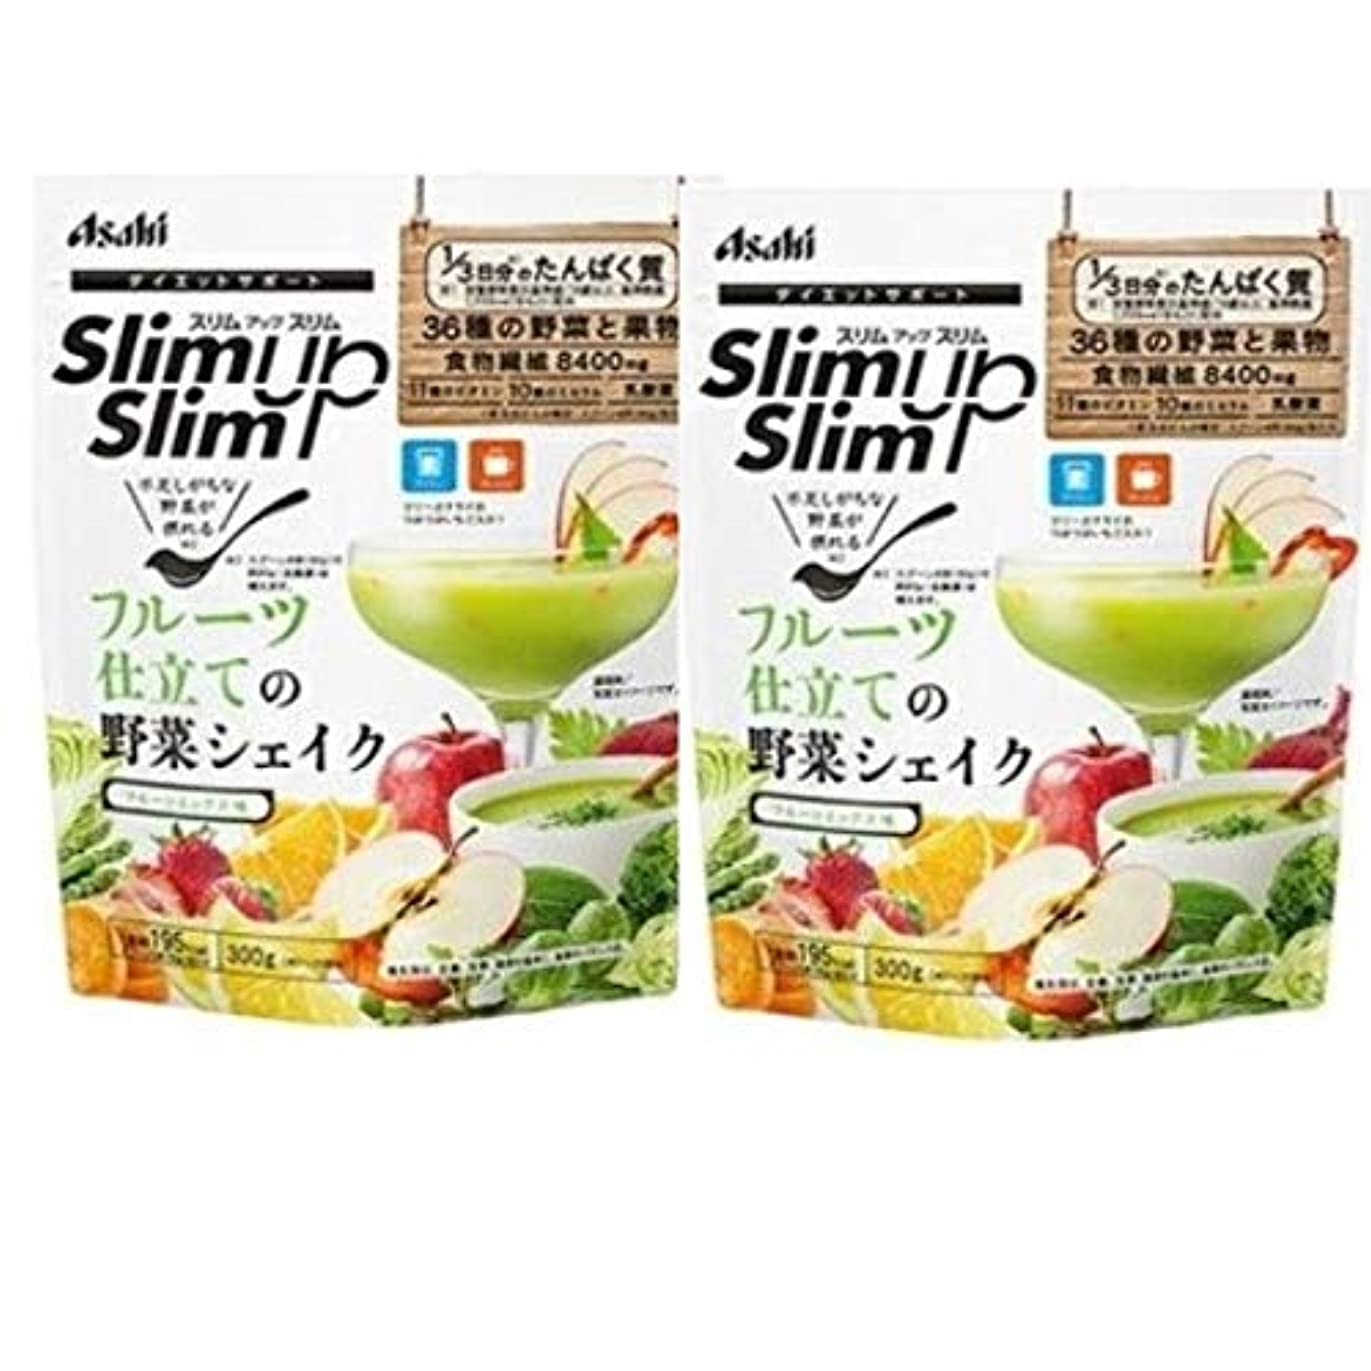 生まれ注釈従事する【2個セット】スリムアップスリム フルーツ仕立ての野菜シェイク フルーツミックス味 300g